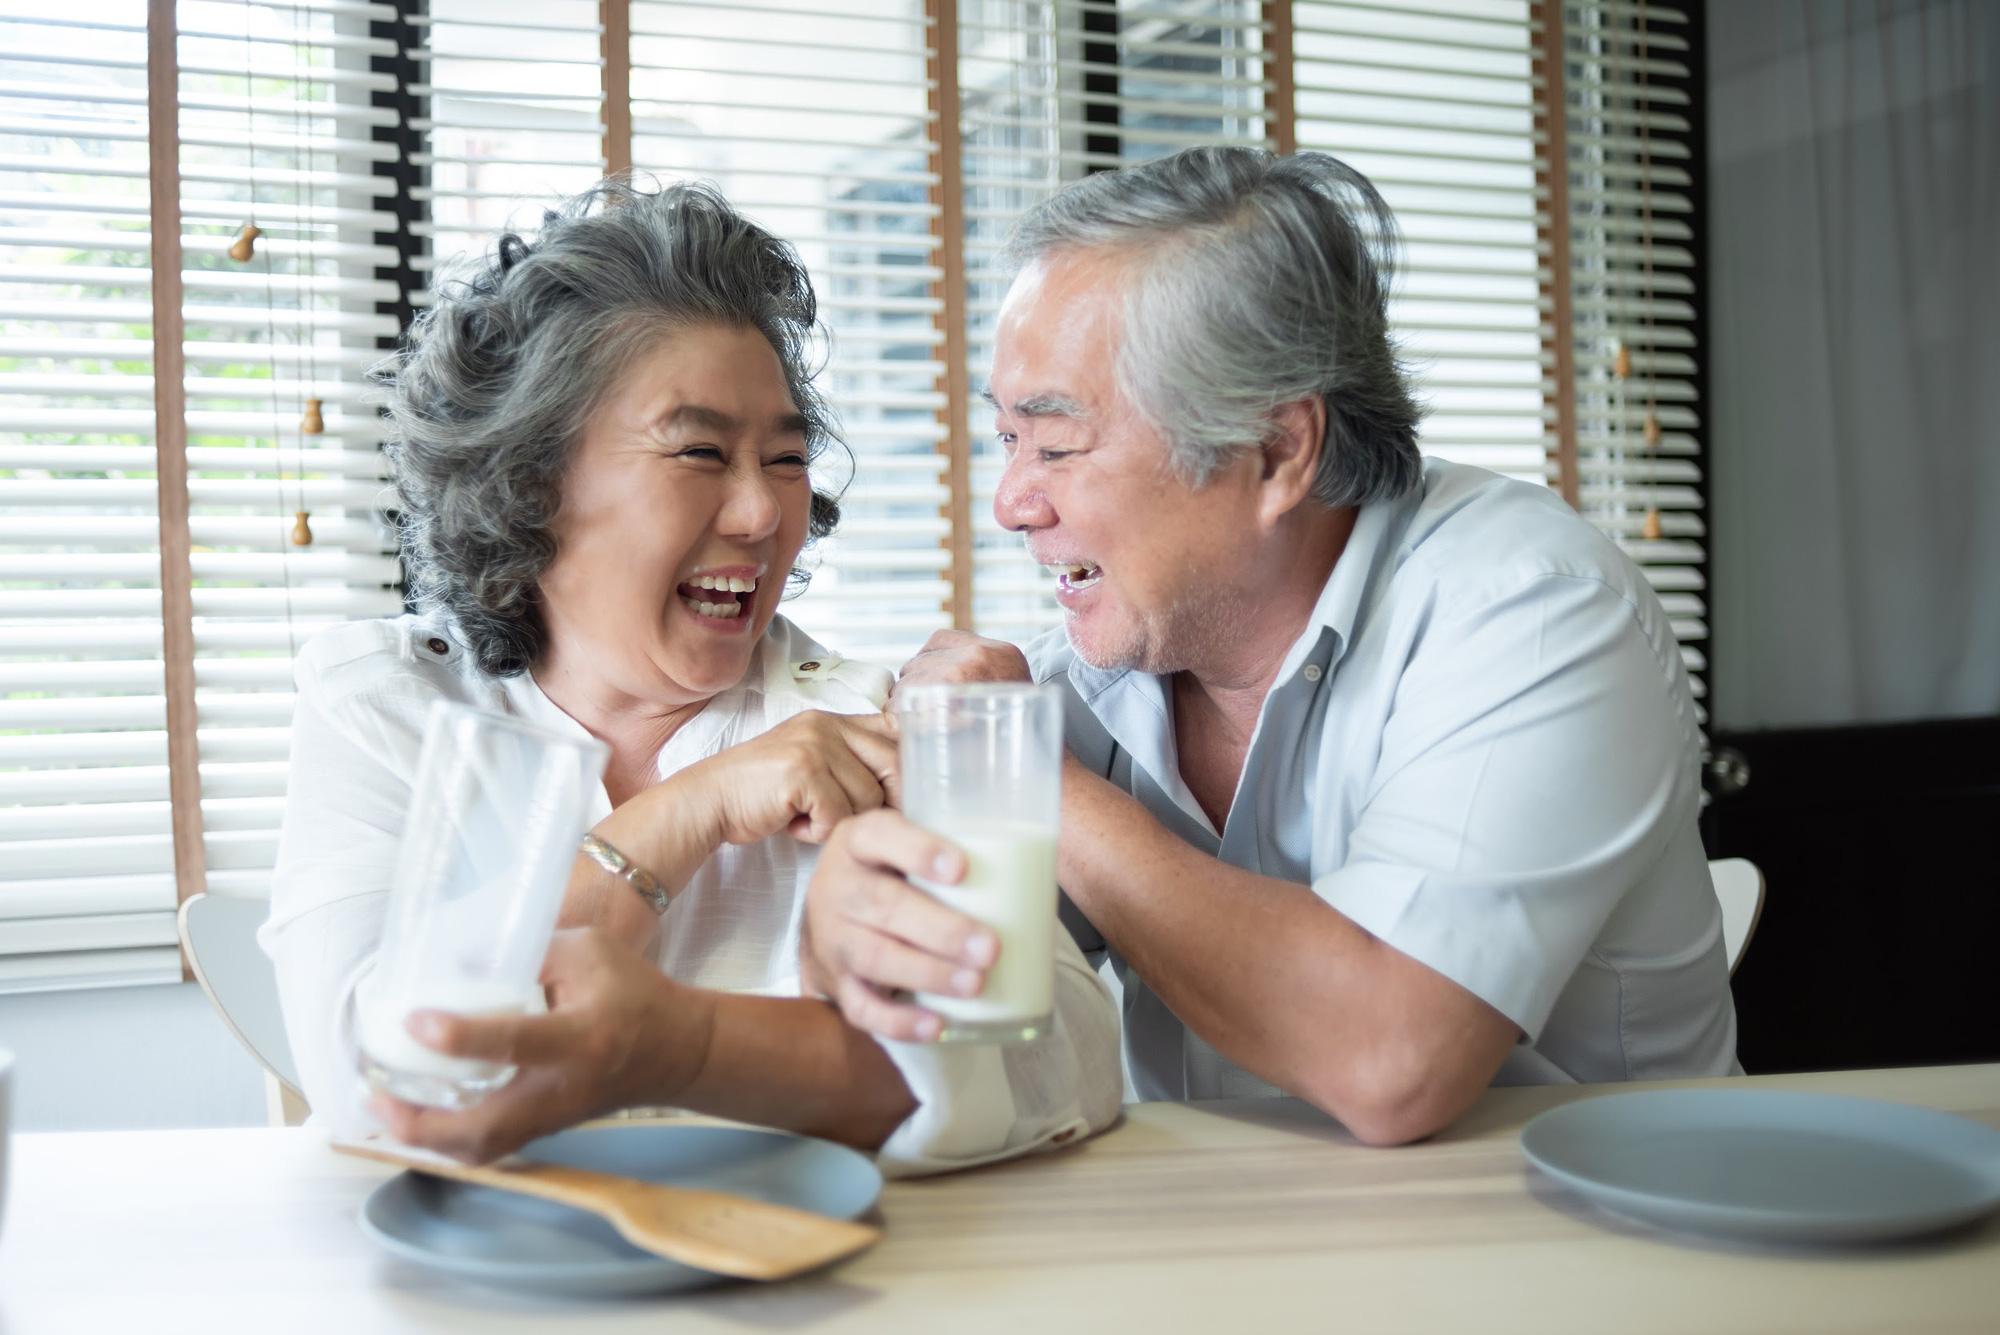 Bảo vệ sức khỏe người lớn tuổi dưới góc nhìn của chuyên gia - Ảnh 2.